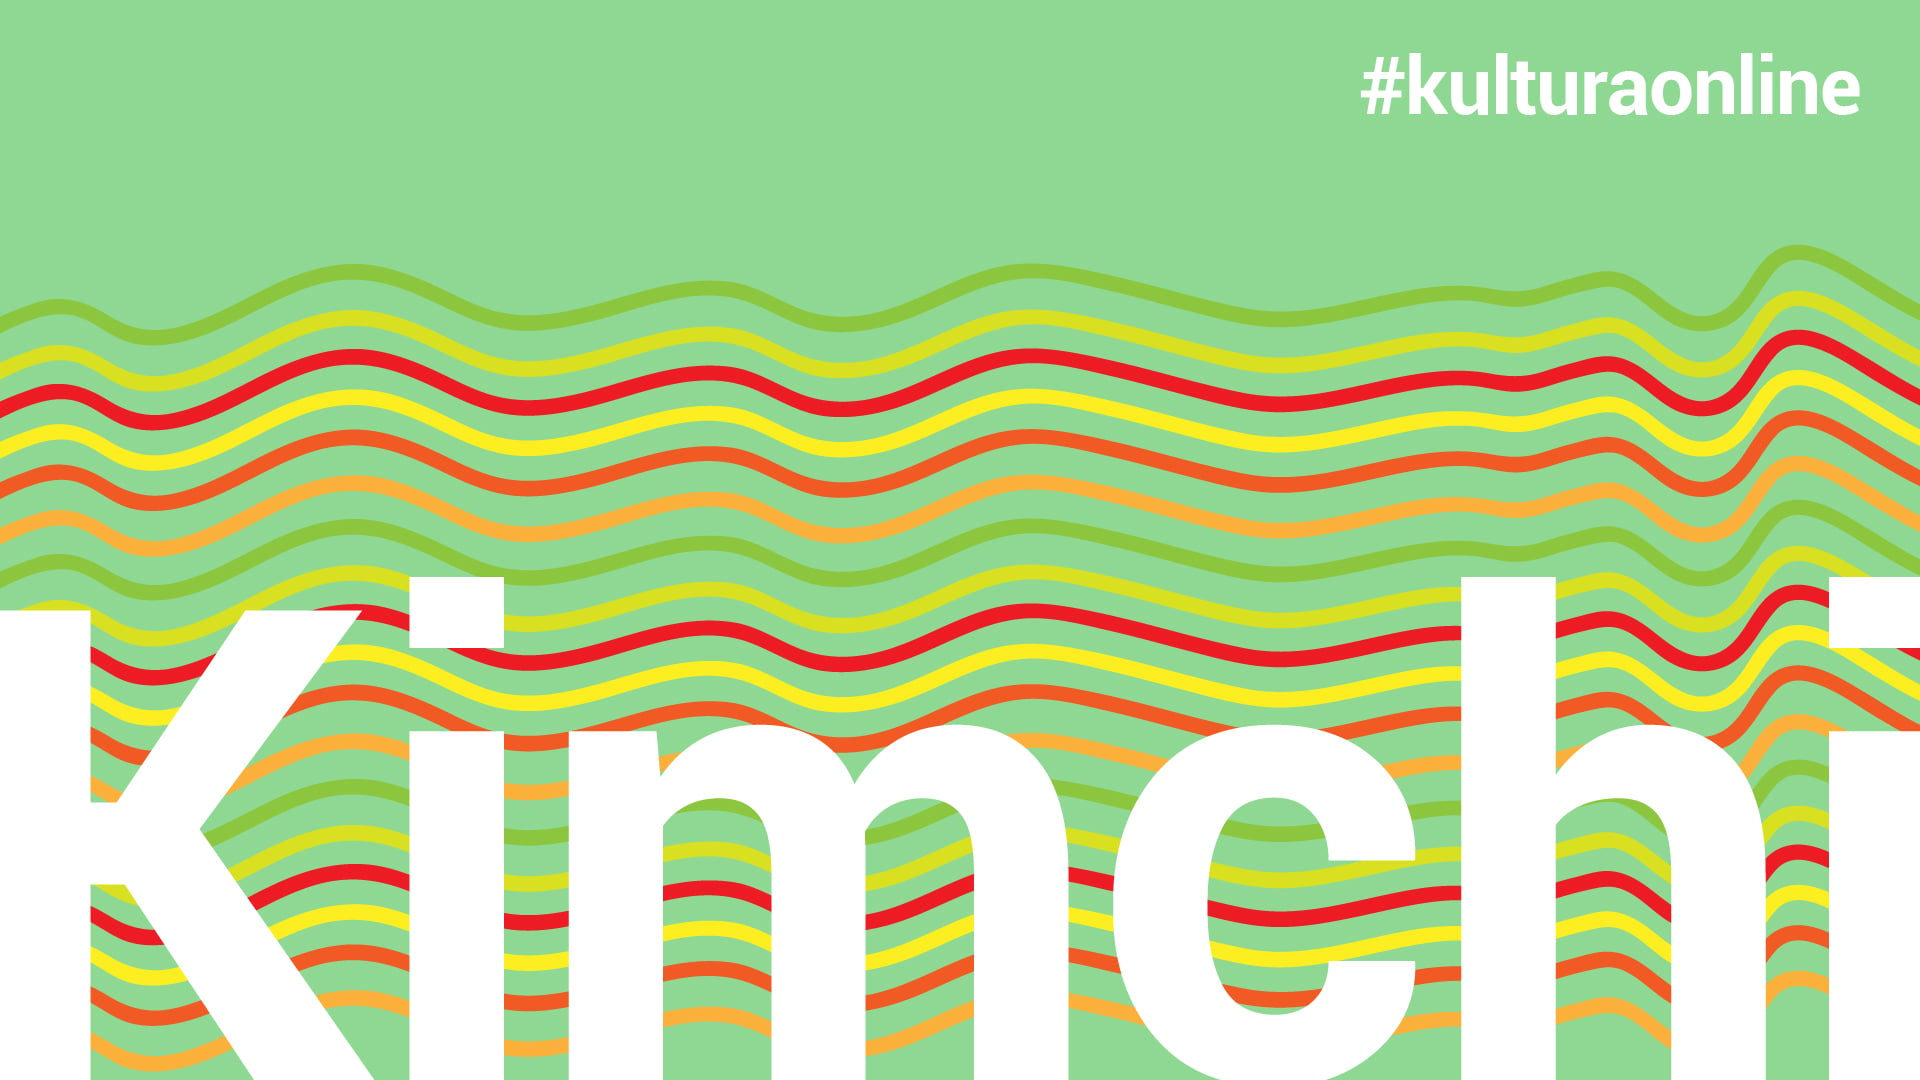 Jasnozielona grafika w kolorowe poziome paski. Na środku duży biały napis: Kimchi.